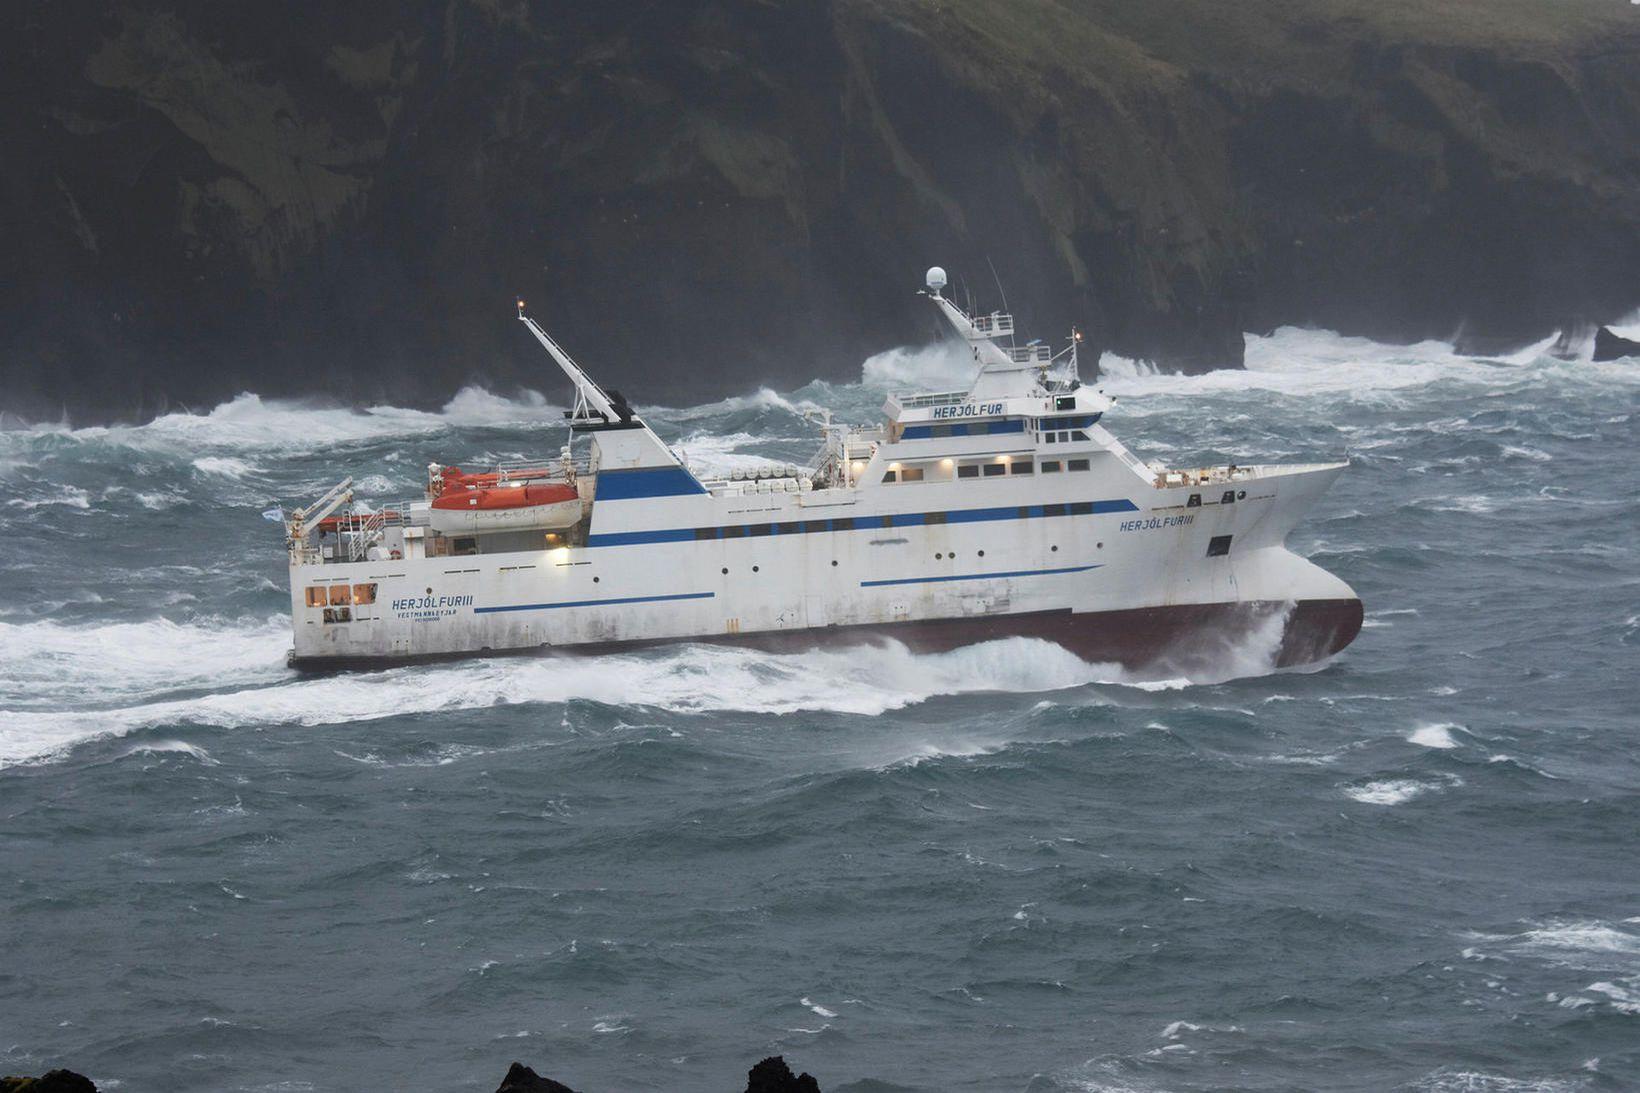 Herjólfur í brælu á útleið frá Eyjum.